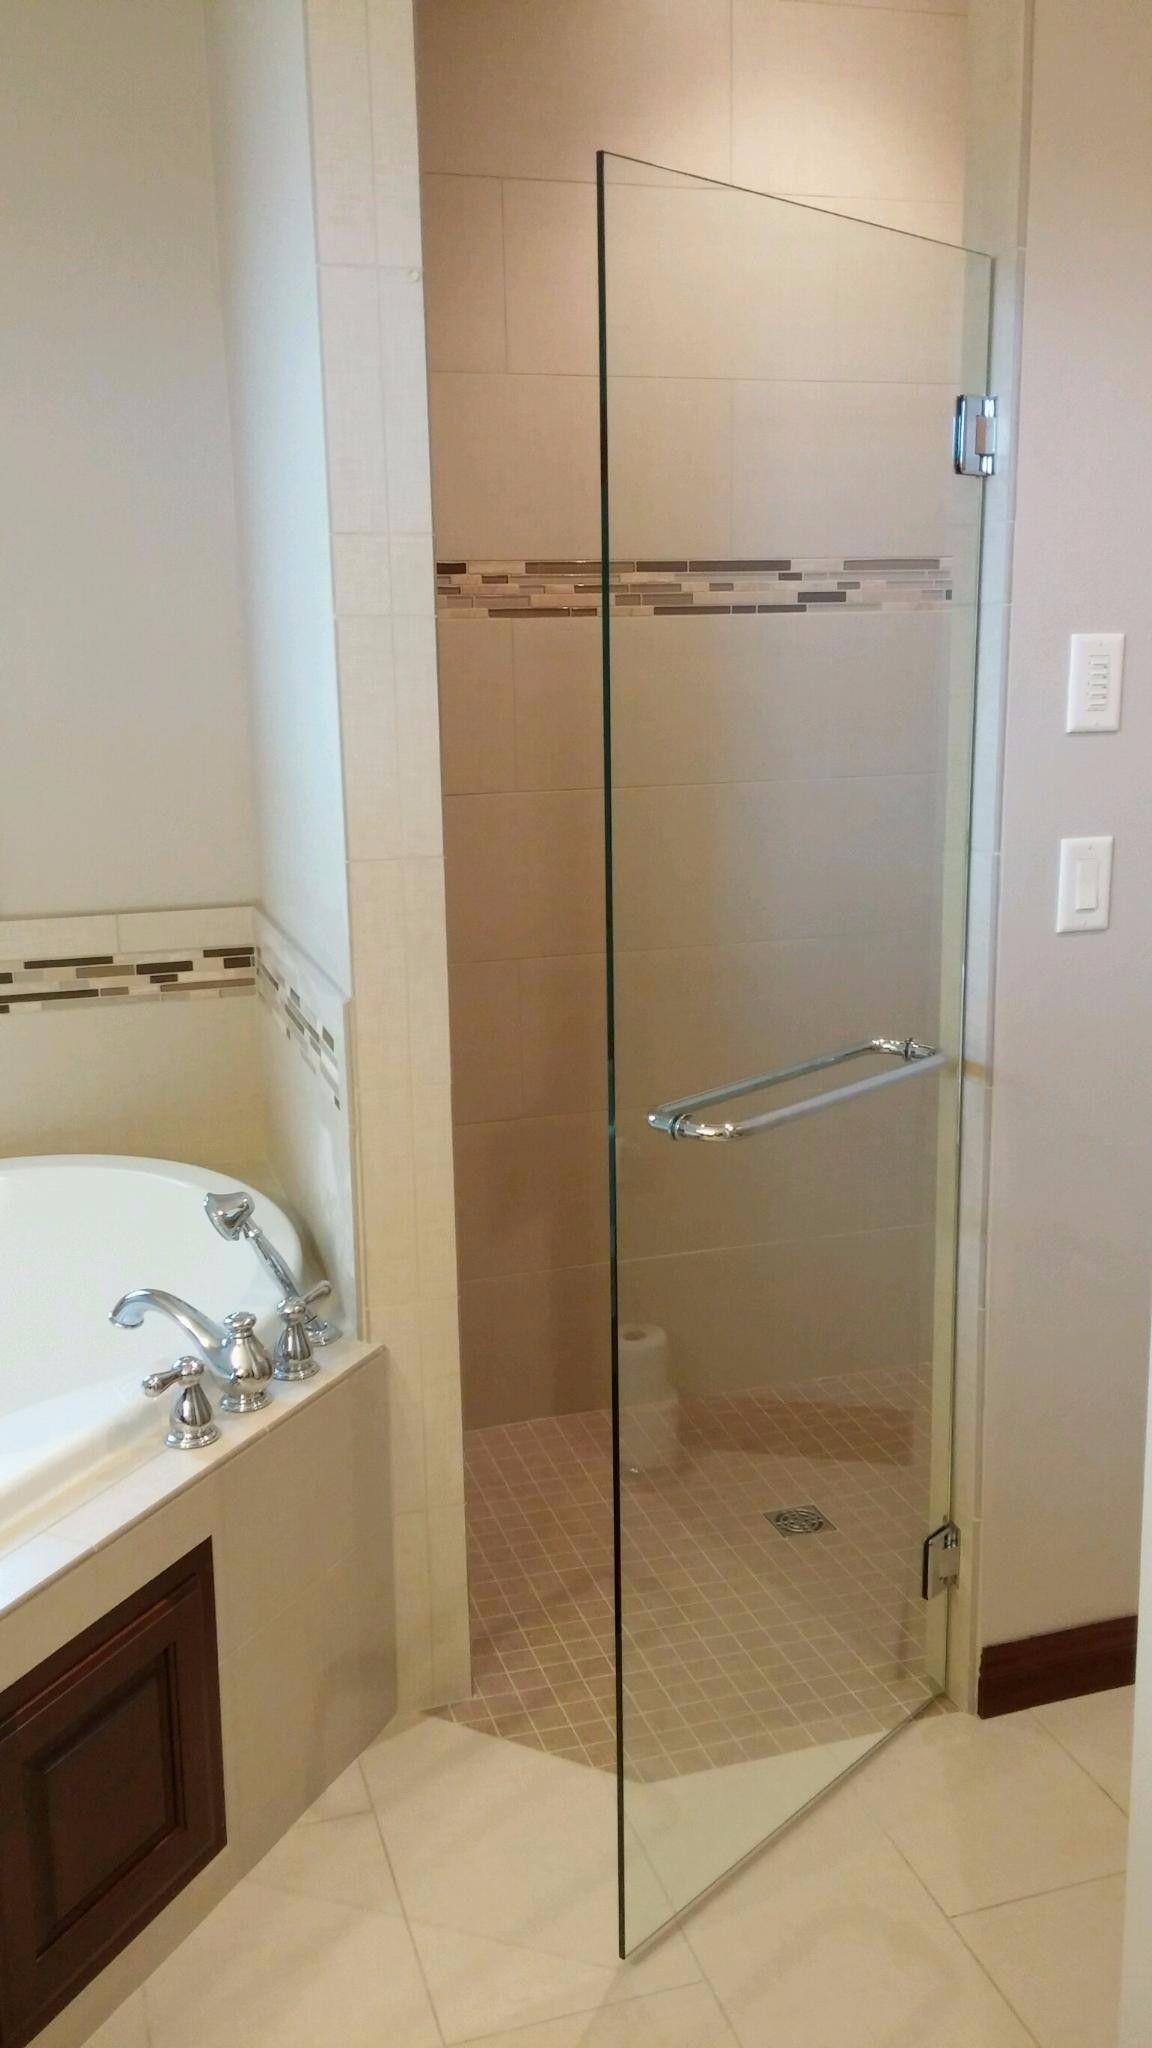 Single Door Only | Monti 1895 | Pinterest | Shower doors, Single ...